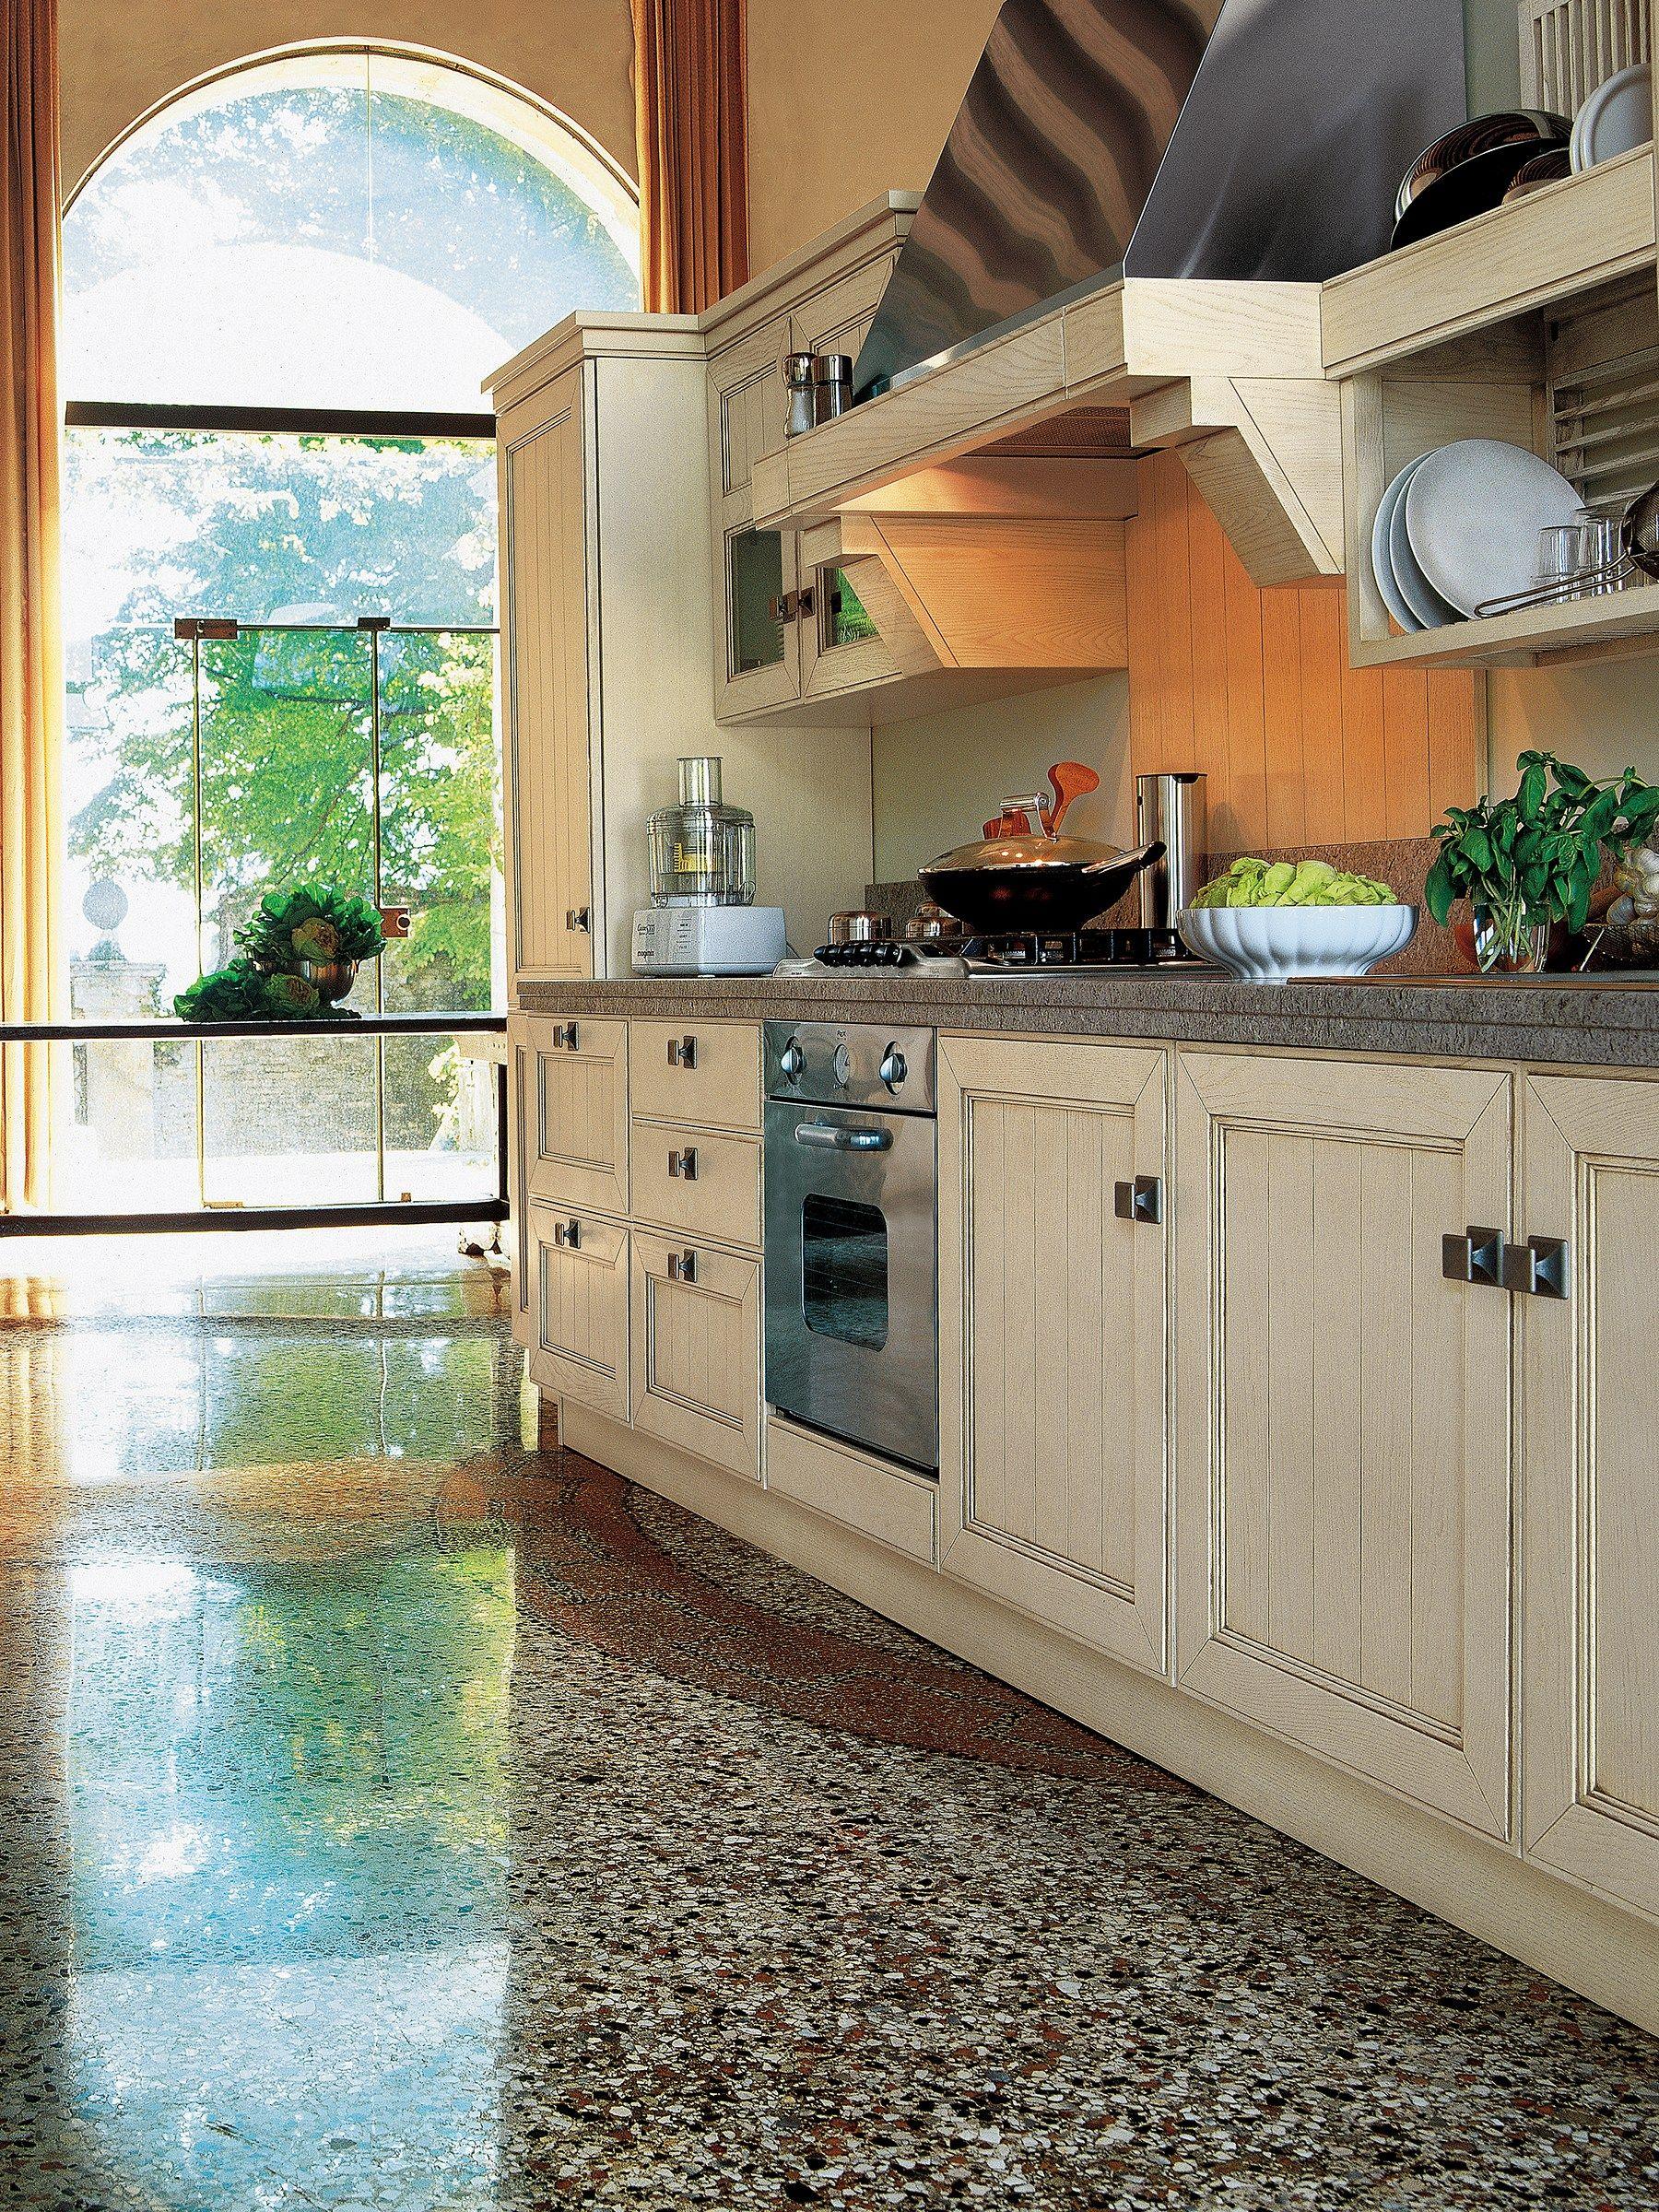 Cucina lineare in frassino con maniglie settecento by gd for Df arredamenti